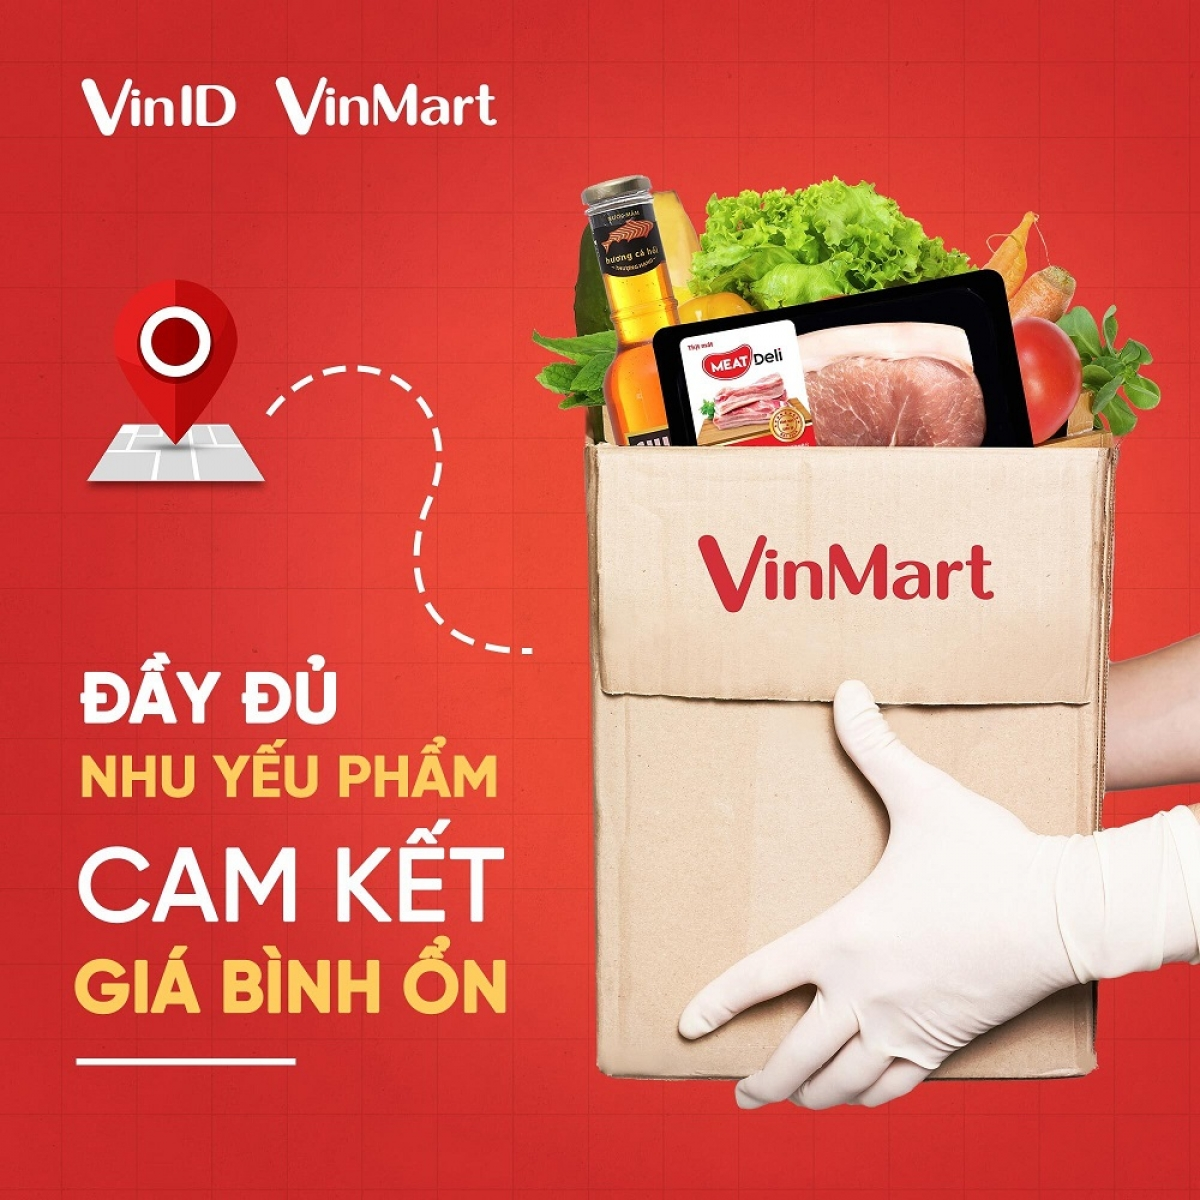 Đi chợ online trên VinID với mức giá bình ổn và được tích điểm giúp người tiêu dùng tiết kiệm hơn.